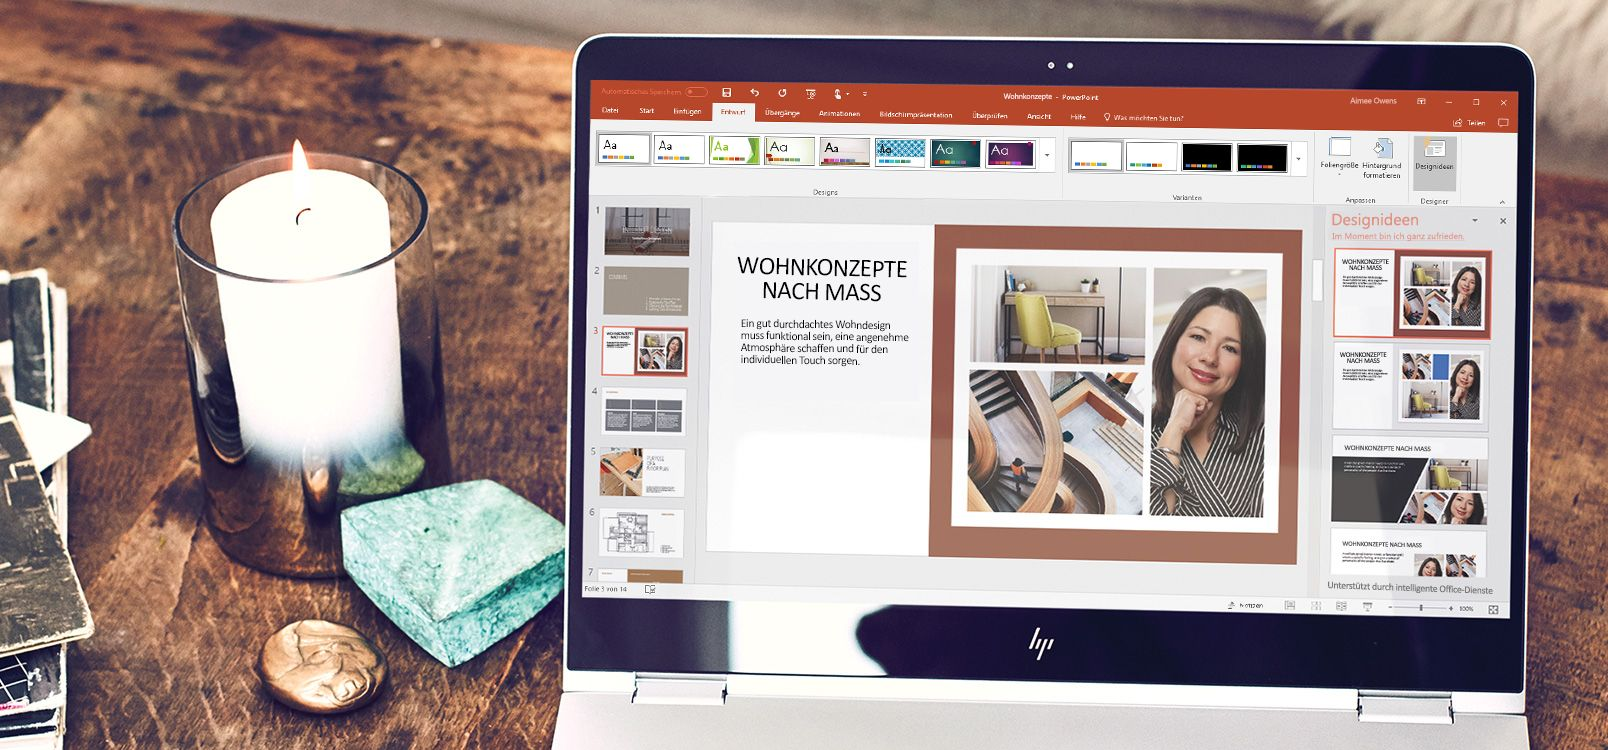 Laptopbildschirm, auf dem ein PowerPoint-Dokument mit dem PowerPoint-Designer dargestellt wird